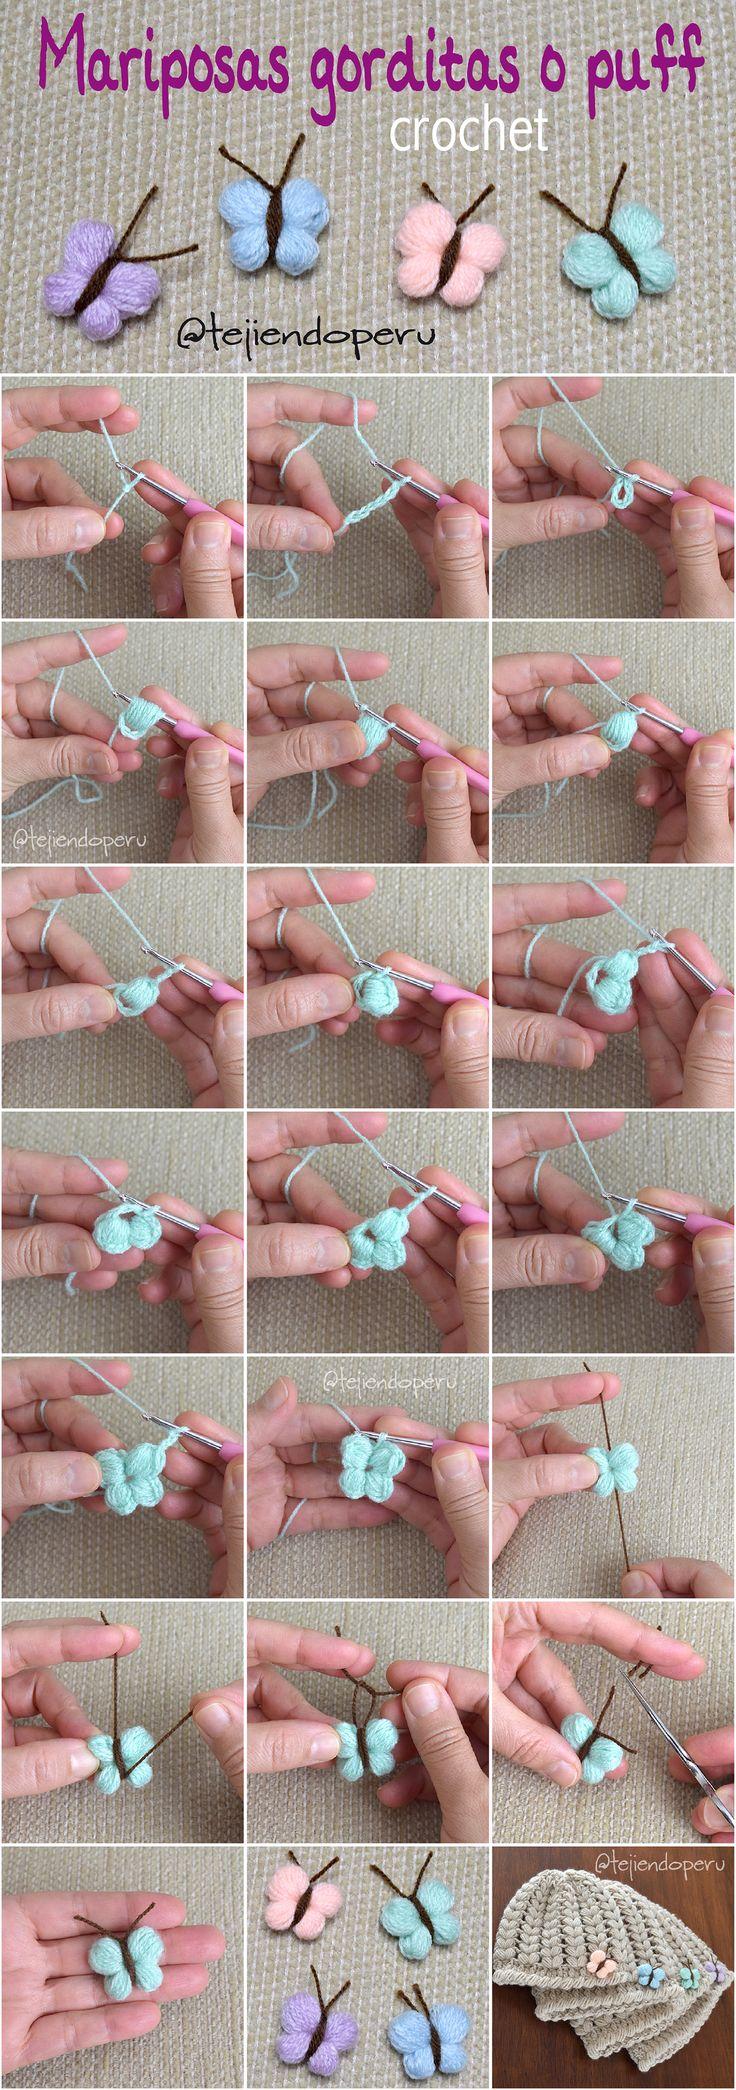 Mariposas gorditas tejidas a crochet en punto puff o garbanzo... lindas y muy fáciles de tejer :)